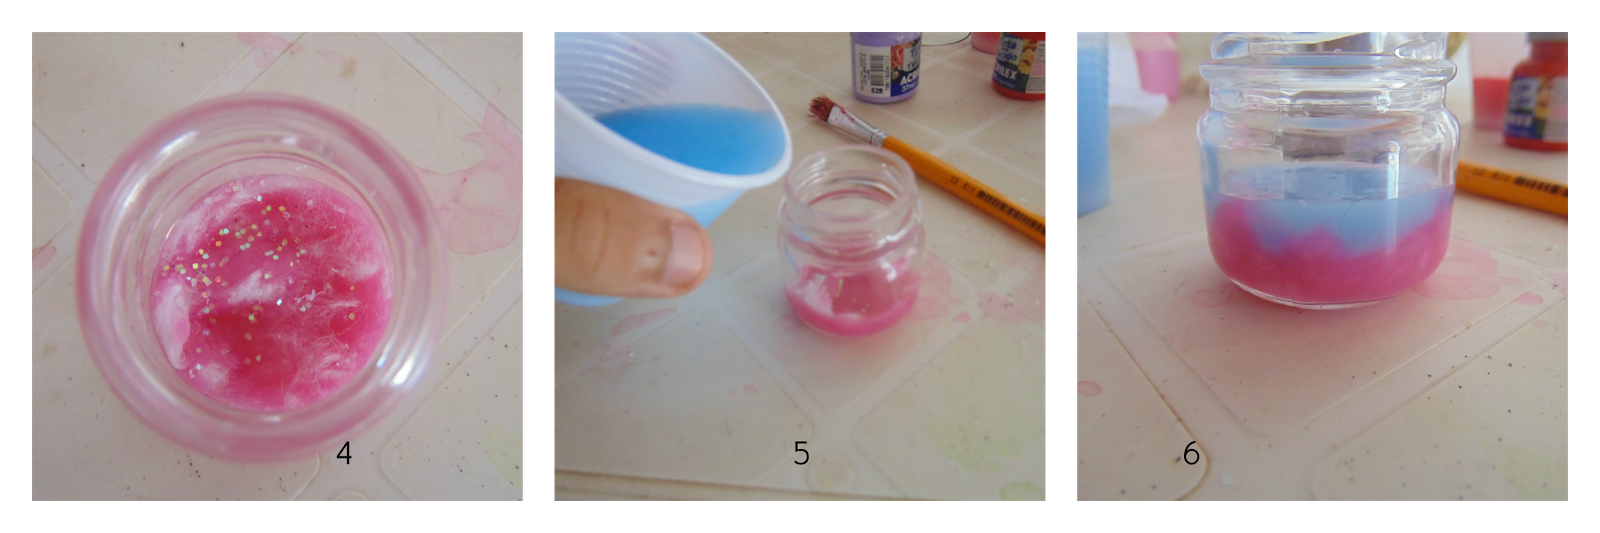 rosa bottle nebula - photo #23